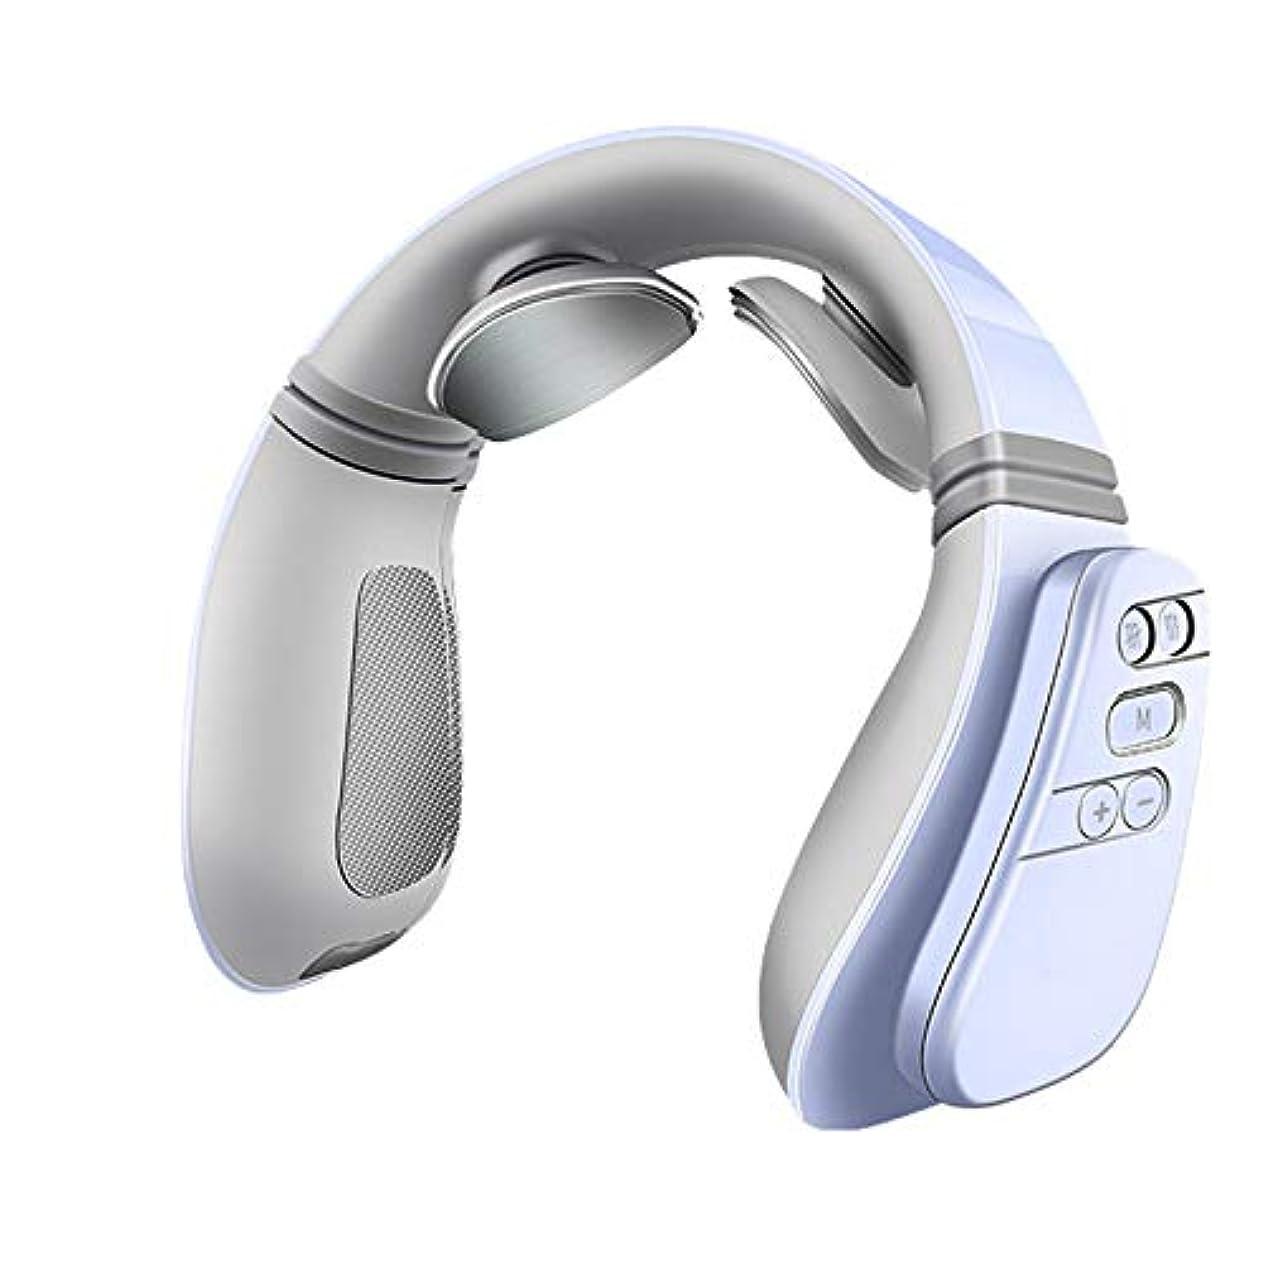 ヒートディープティッシュネックマッサージャー電動指圧ネックマッサージは、オフィス、ホーム、カー用の筋肉痛を和らげます